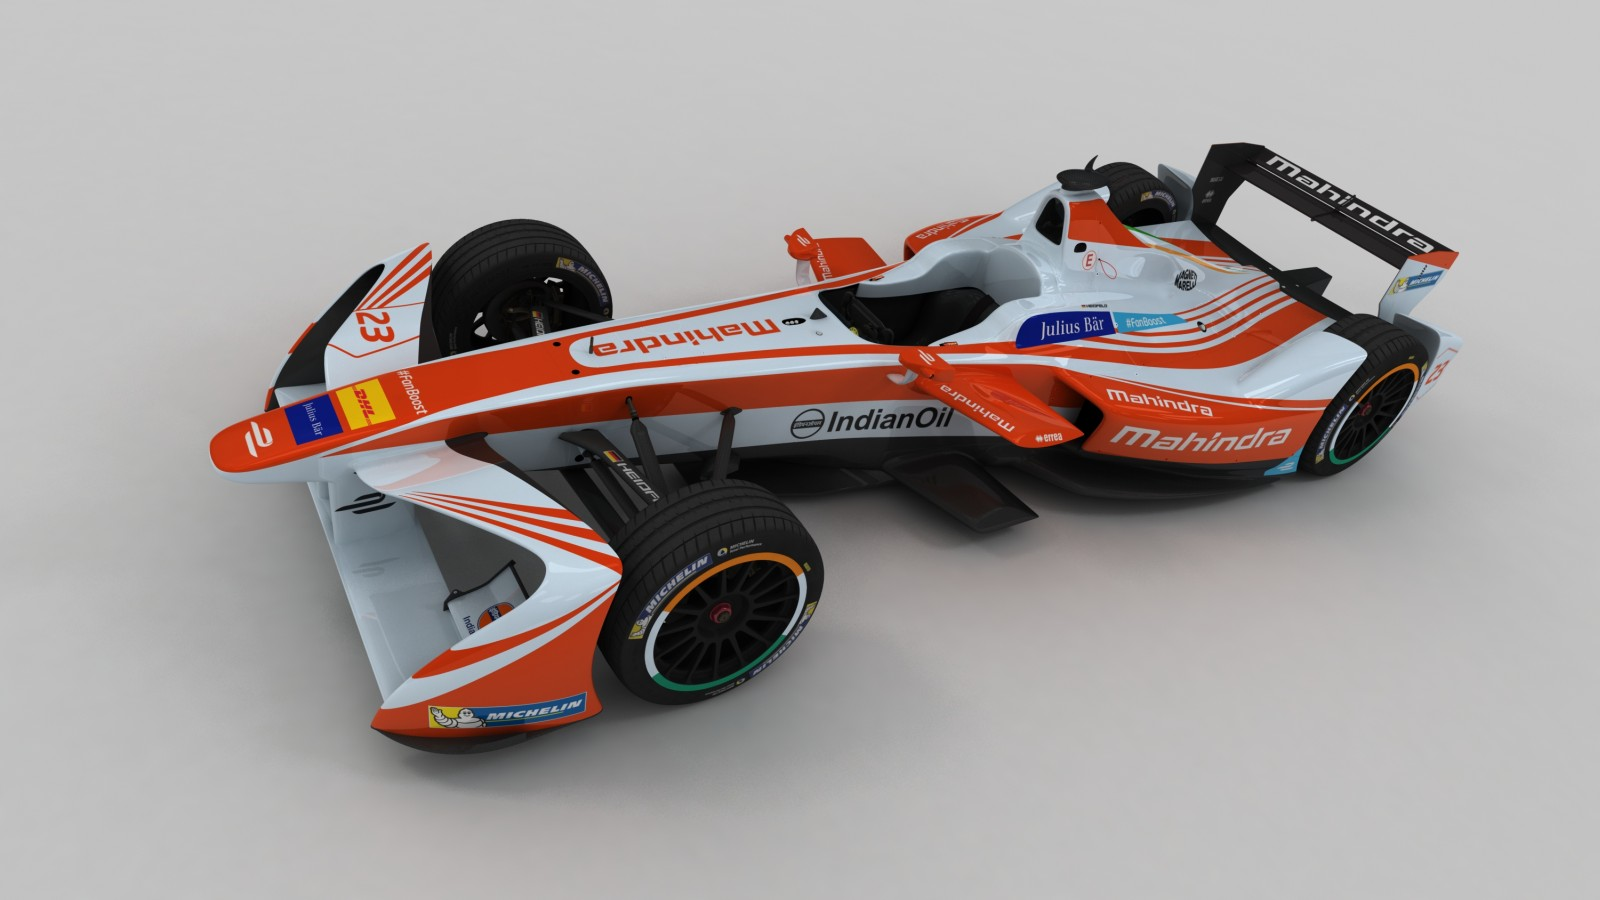 Mahindra Racing - DrivenByDesign - Livery (2)